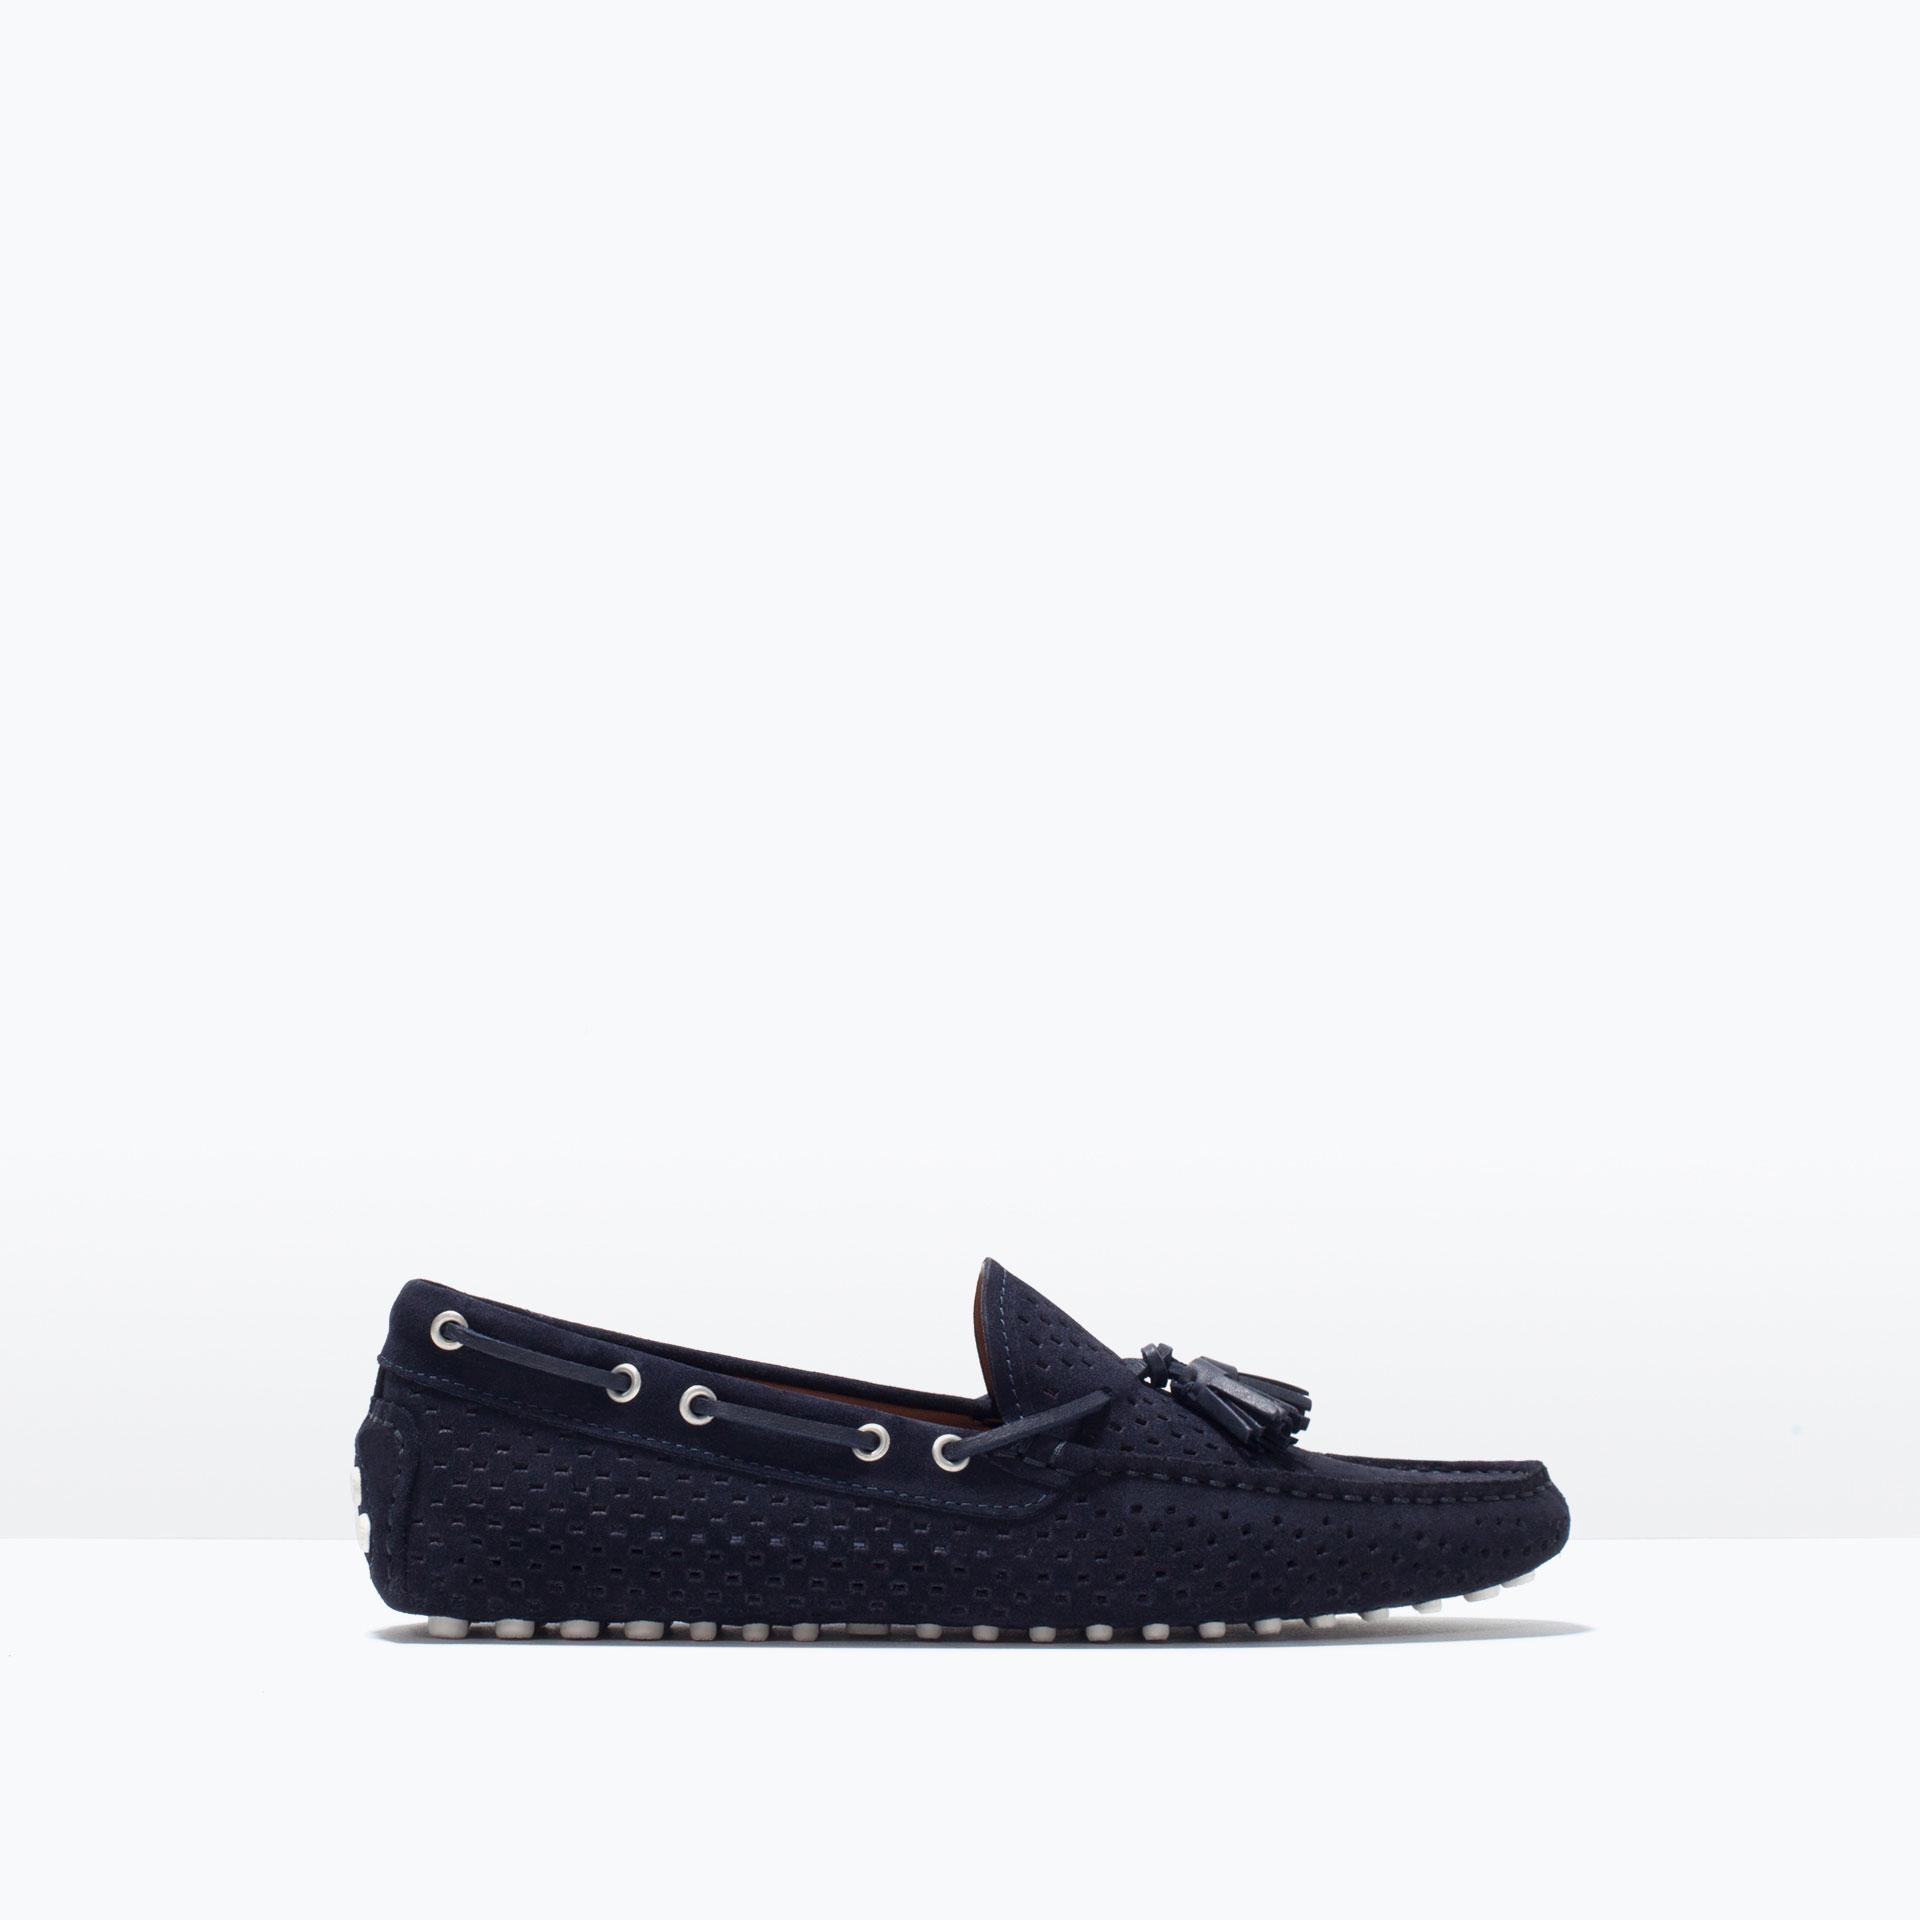 Zara Shoe Sizing Men